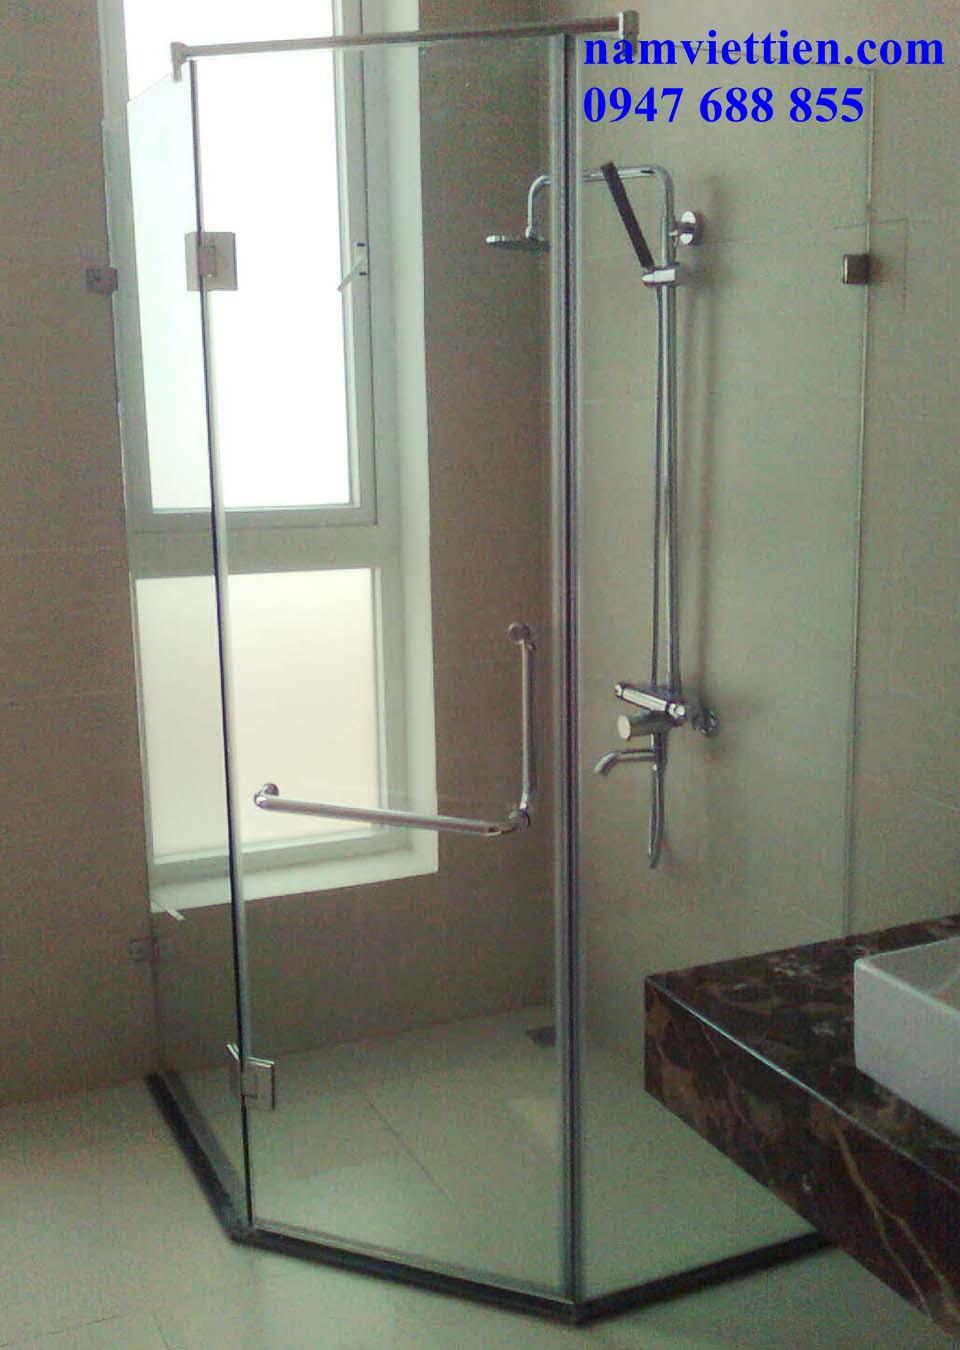 Image0144 - Lắp đặt phòng tắm bằng kính